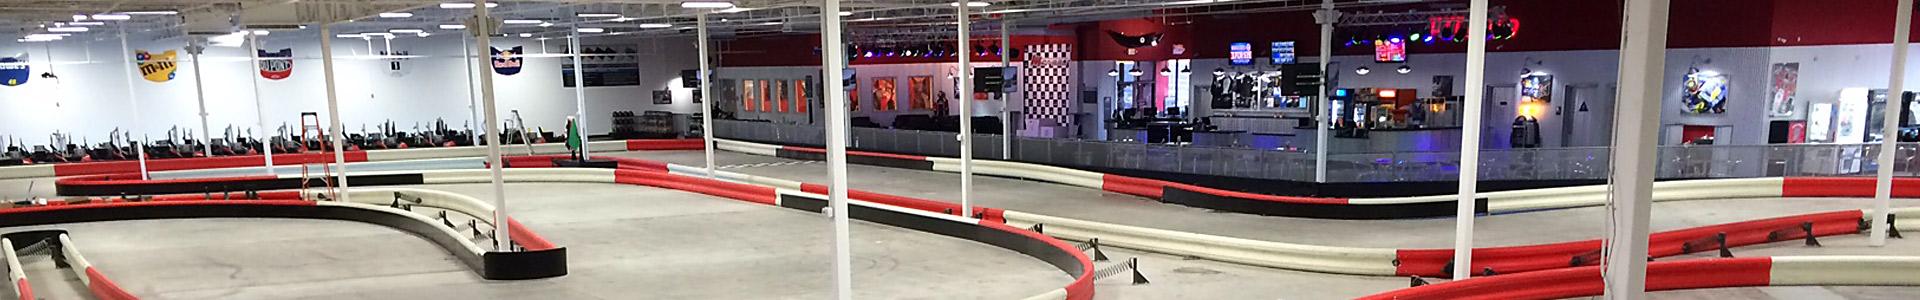 K1 Speed Indoor Go Kart Racing Salt Lake City And Sandy